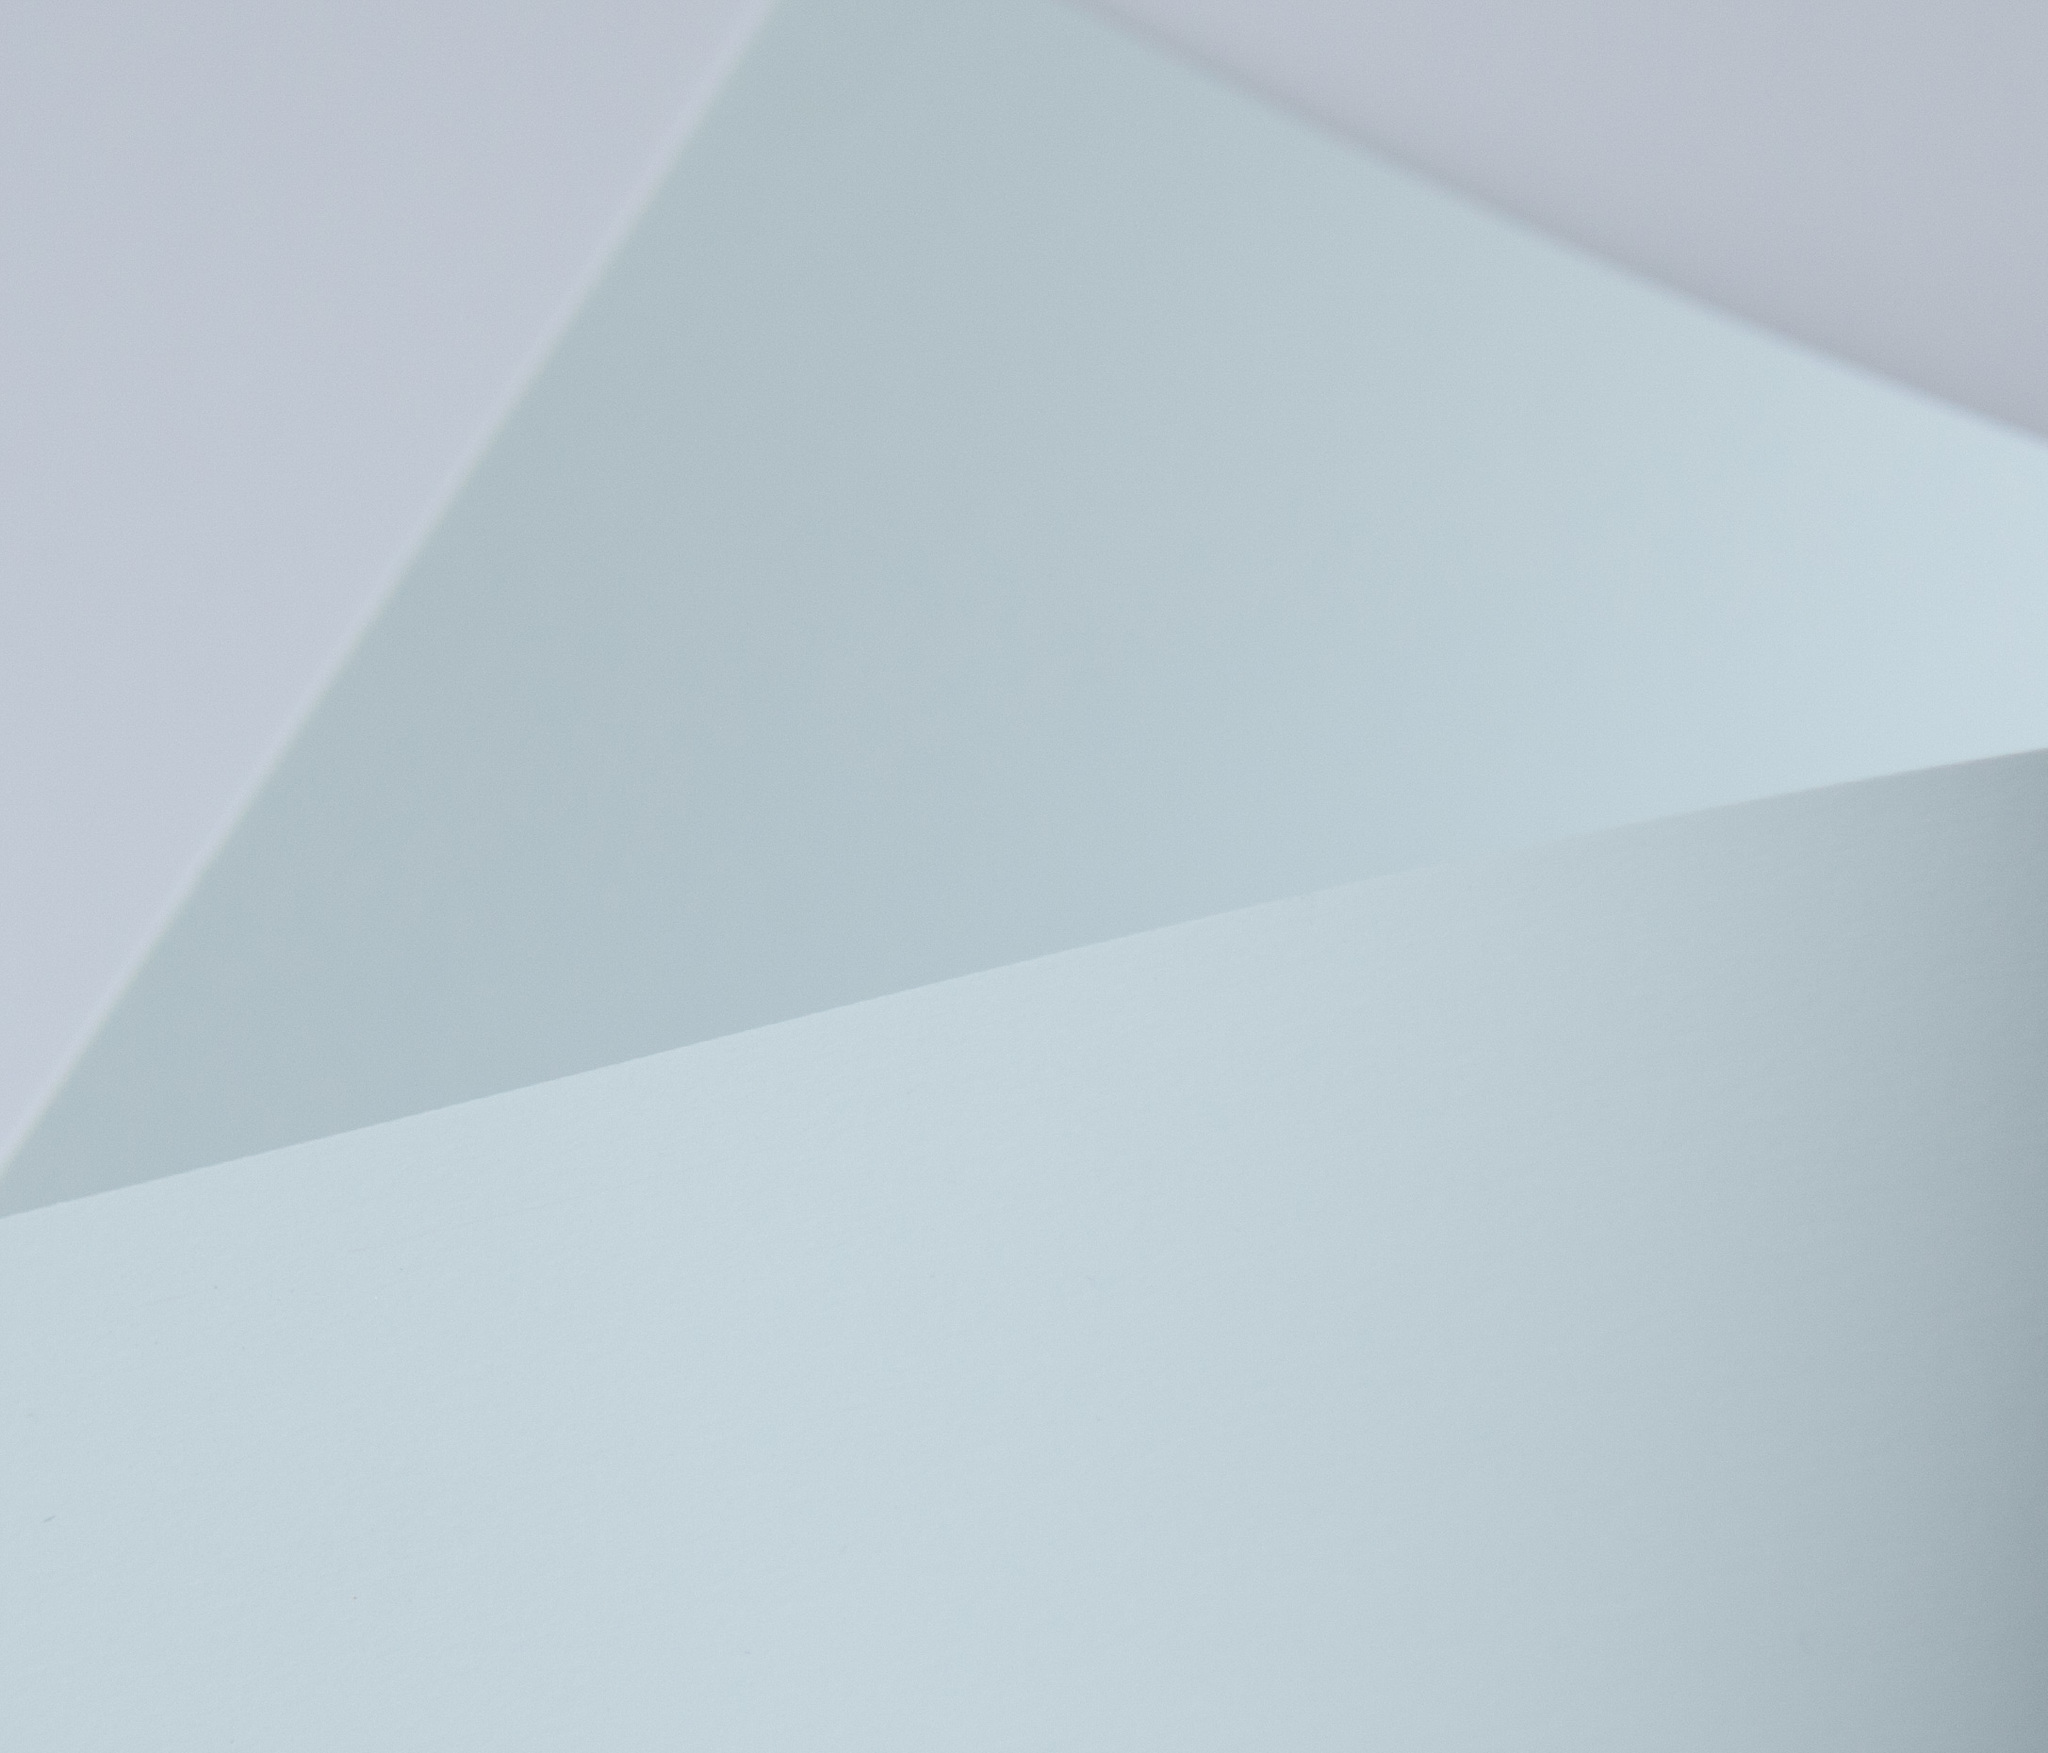 Кардсток Touche Cover, холодный голубой 30х30 см